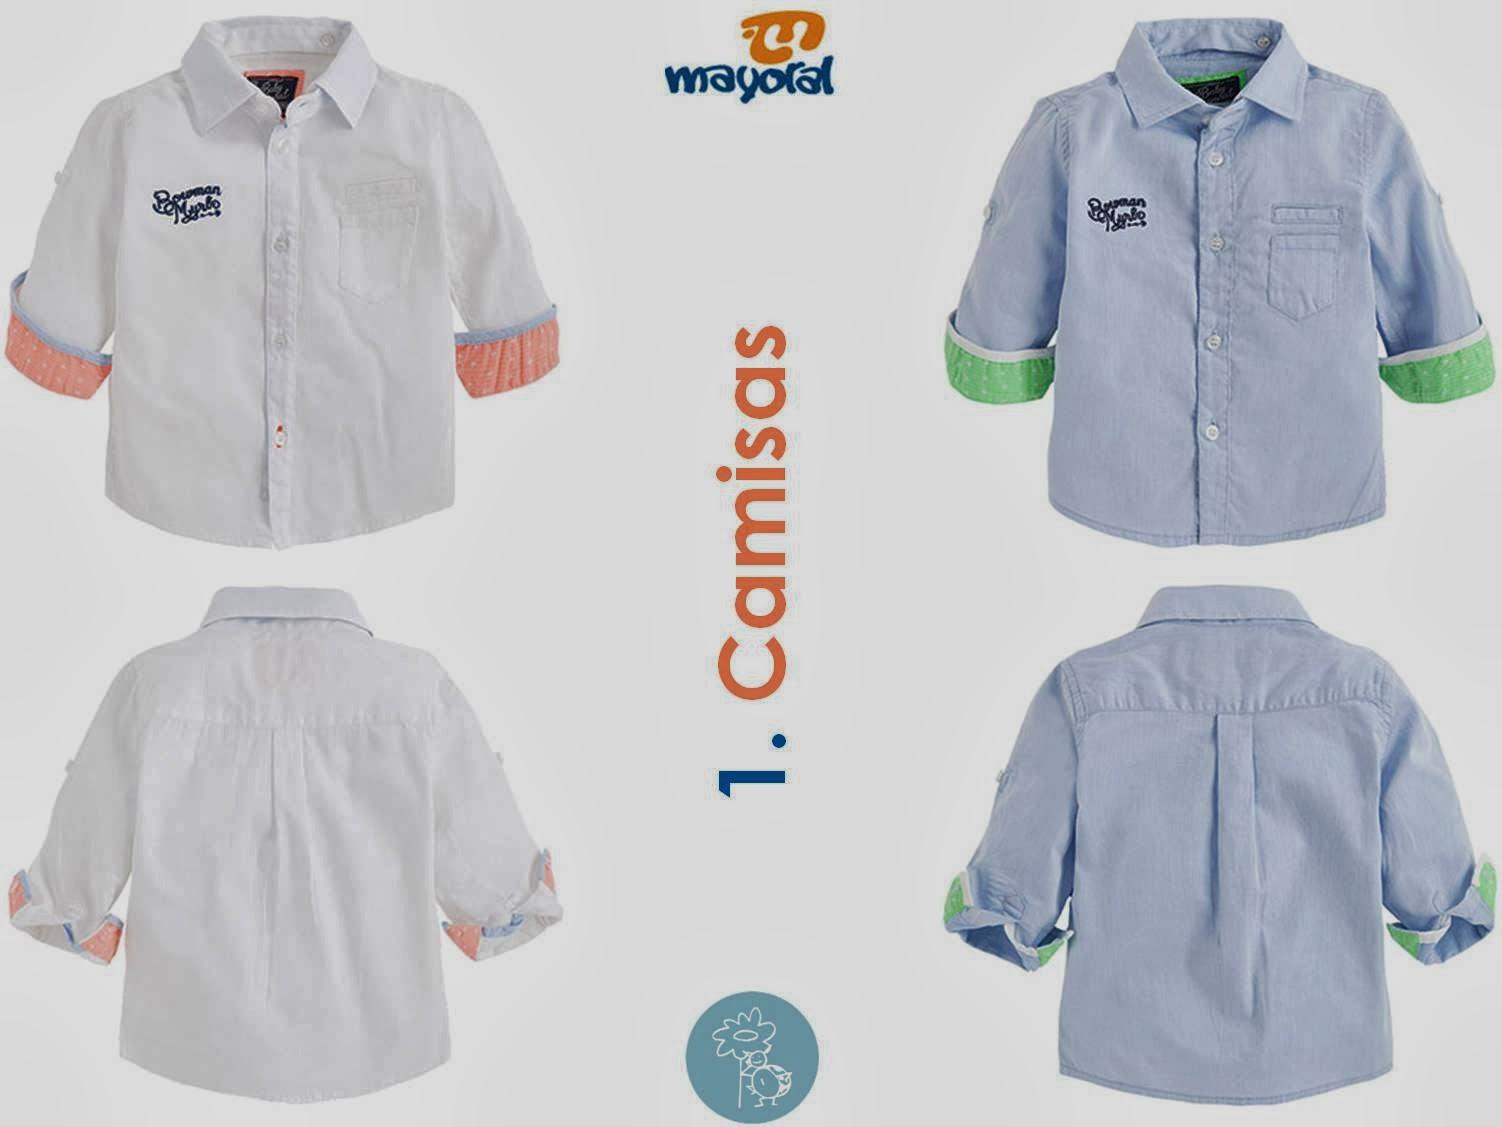 Camisas Blanco-coral y Azul-verde Mayoral colección baby en Blog Retamal moda infantil y bebe